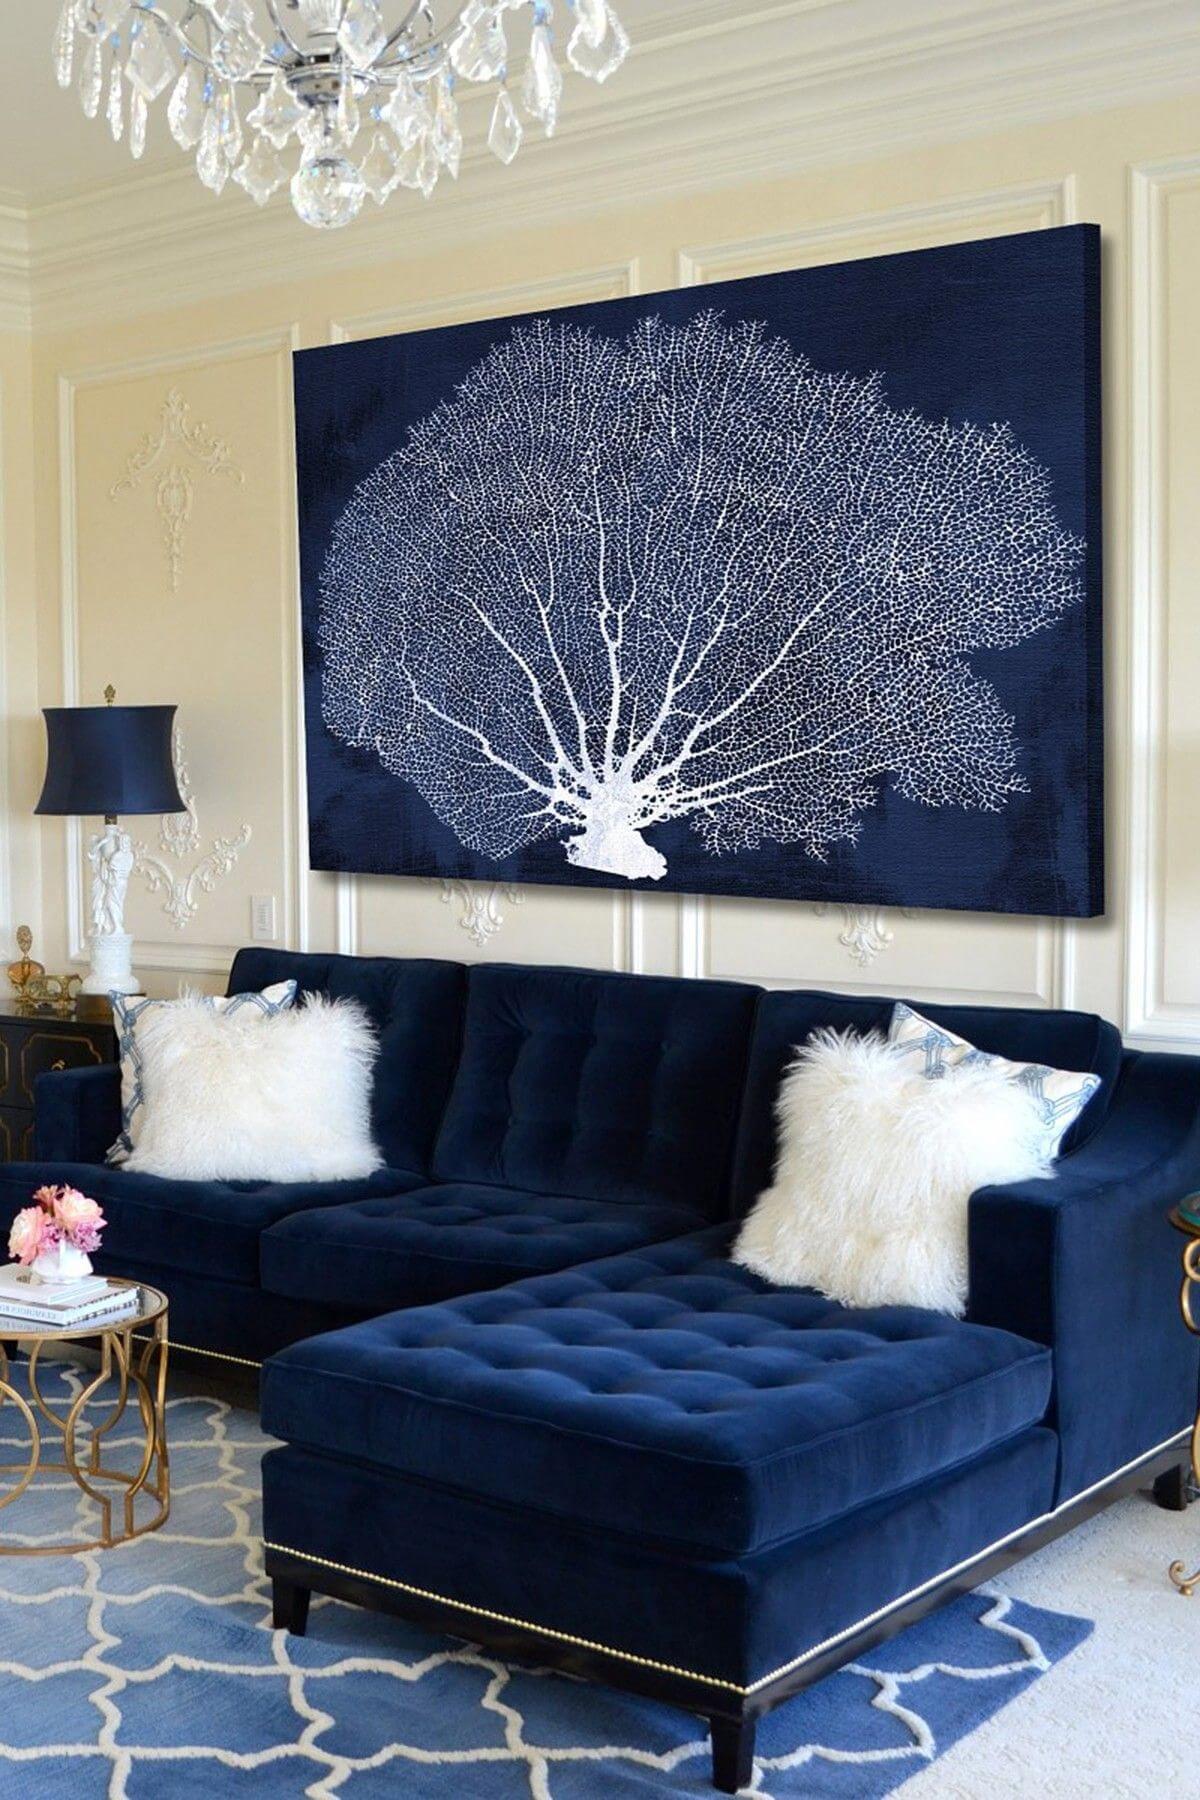 Sofá azul marinho com almofada branca de pelúcia